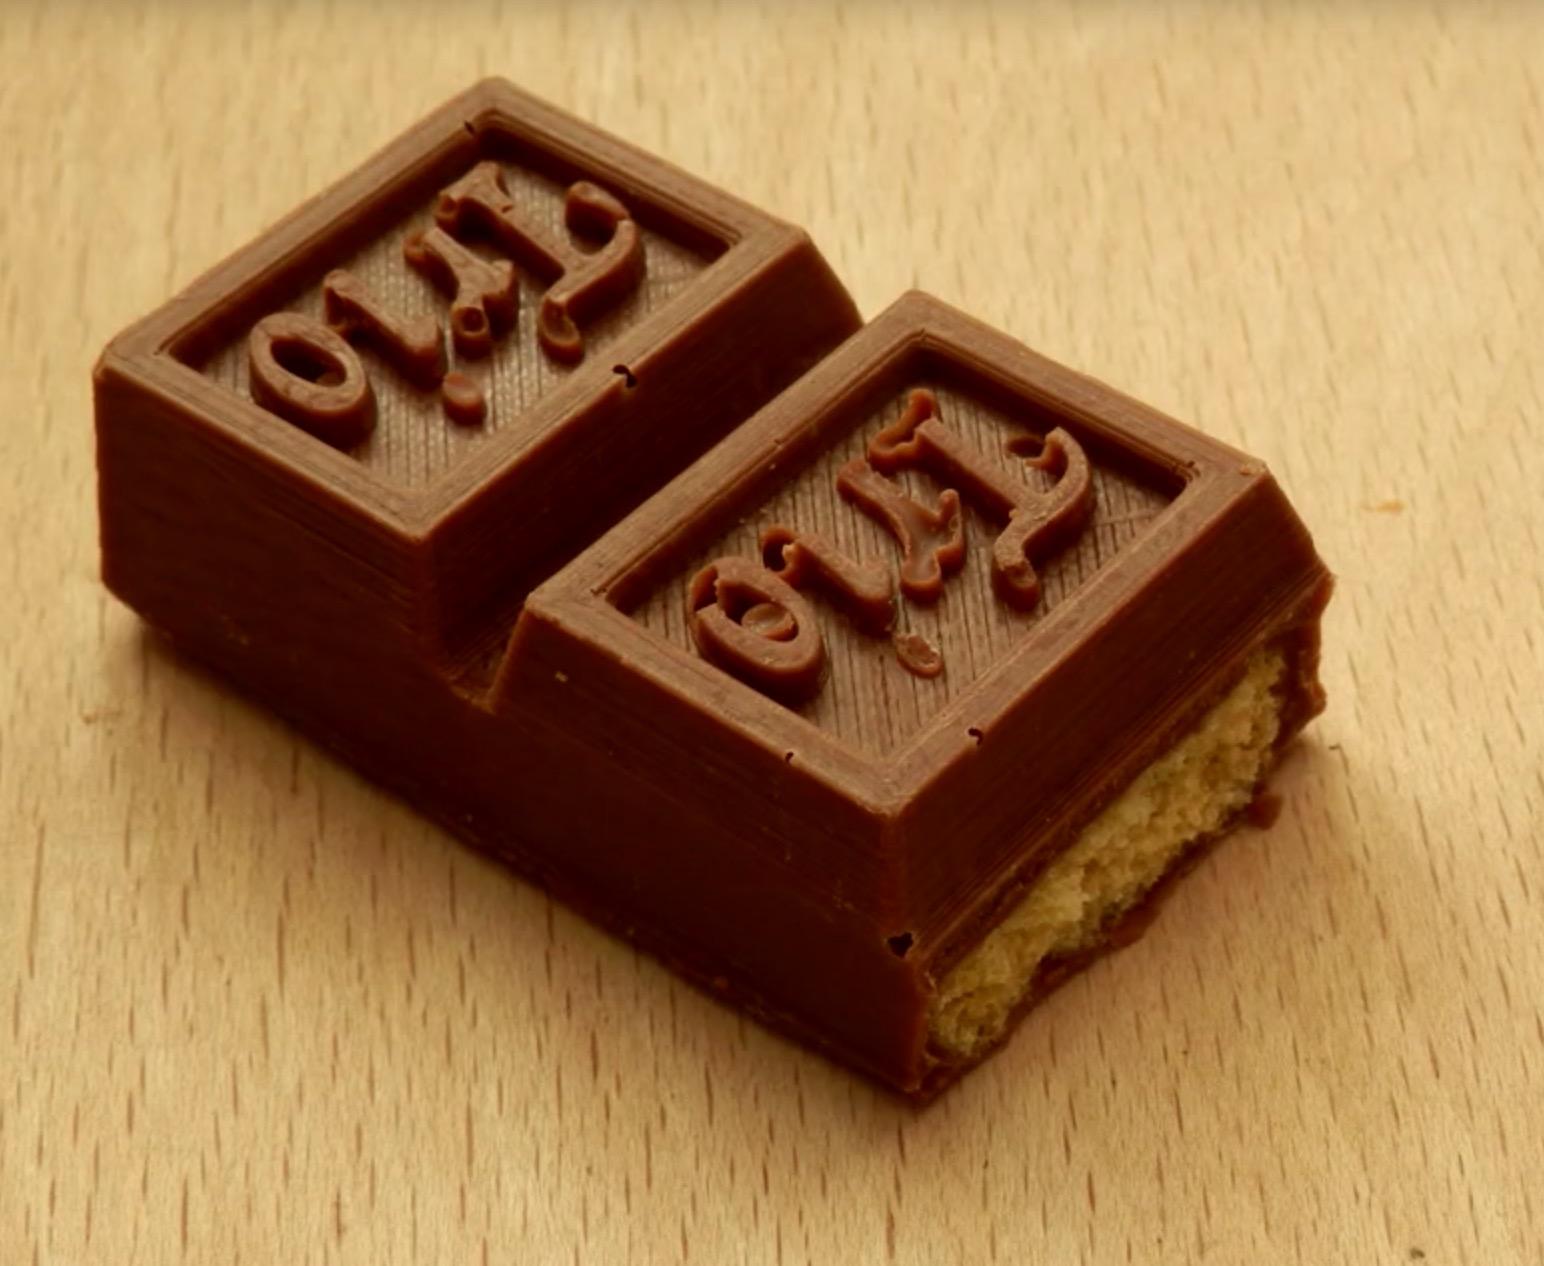 , Resurrecting an Extinct Chocolate Bar with 3D Printing